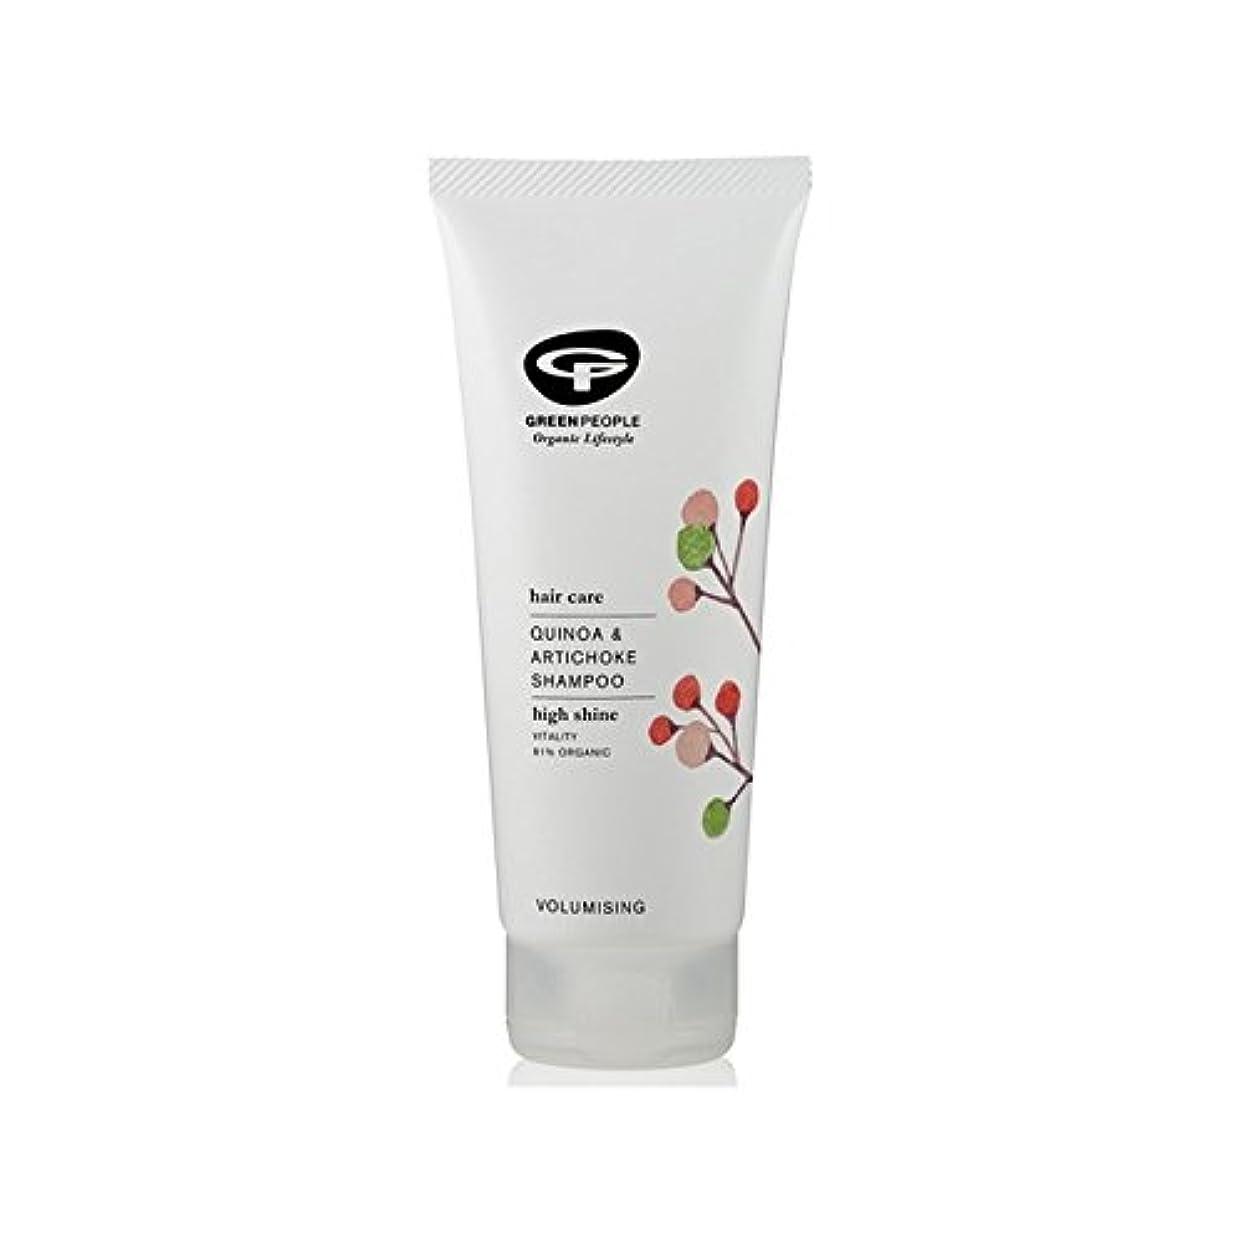 失速マラドロイトバランス緑の人のキノア&アーティチョークシャンプー(200ミリリットル) x2 - Green People Quinoa & Artichoke Shampoo (200ml) (Pack of 2) [並行輸入品]